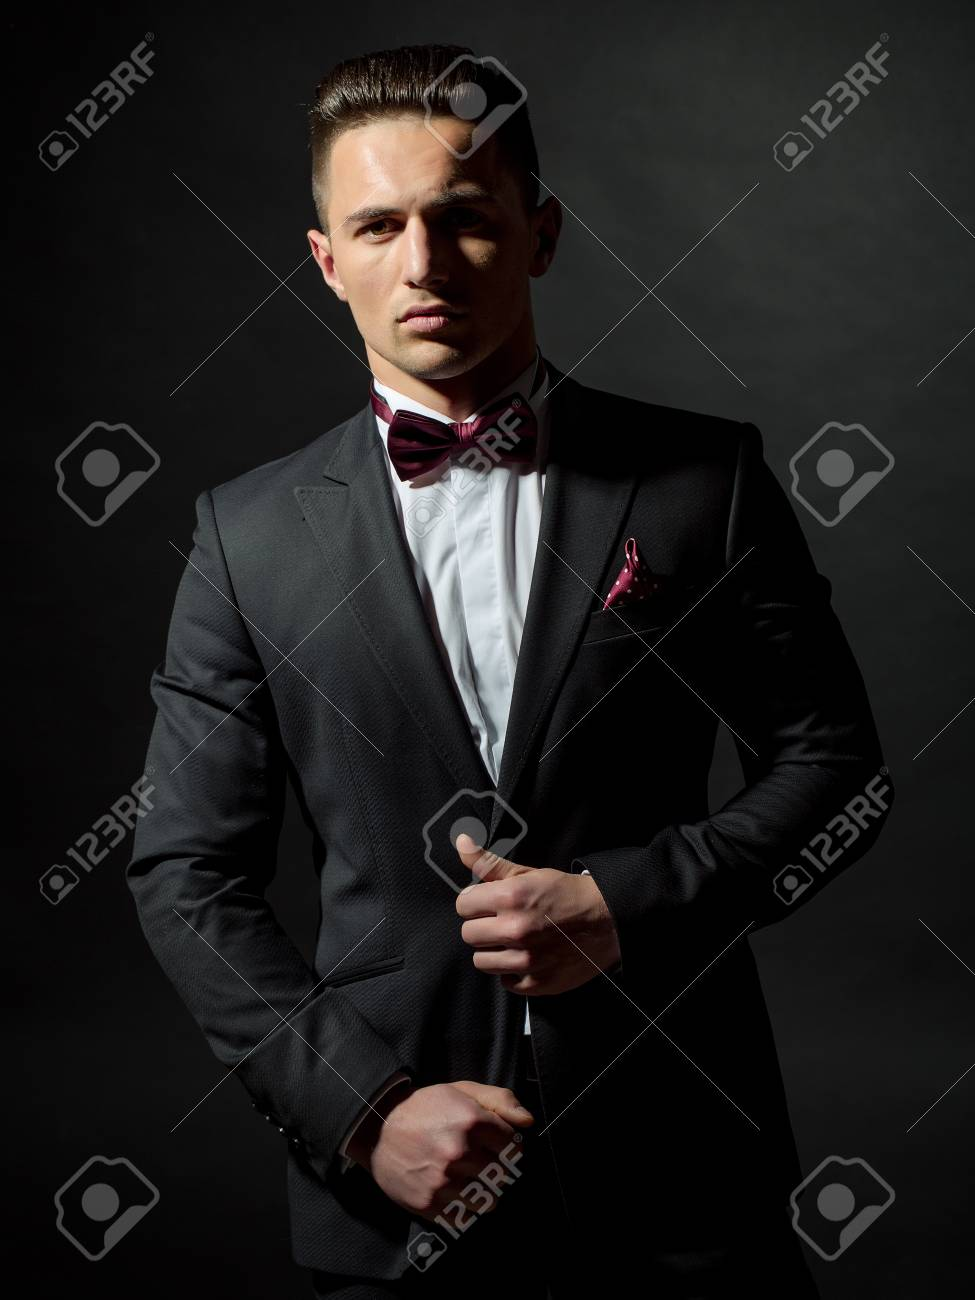 pas mal de06c 2e116 Jeune homme gentil à la mode costume noir chemise blanche et cravate au  studio